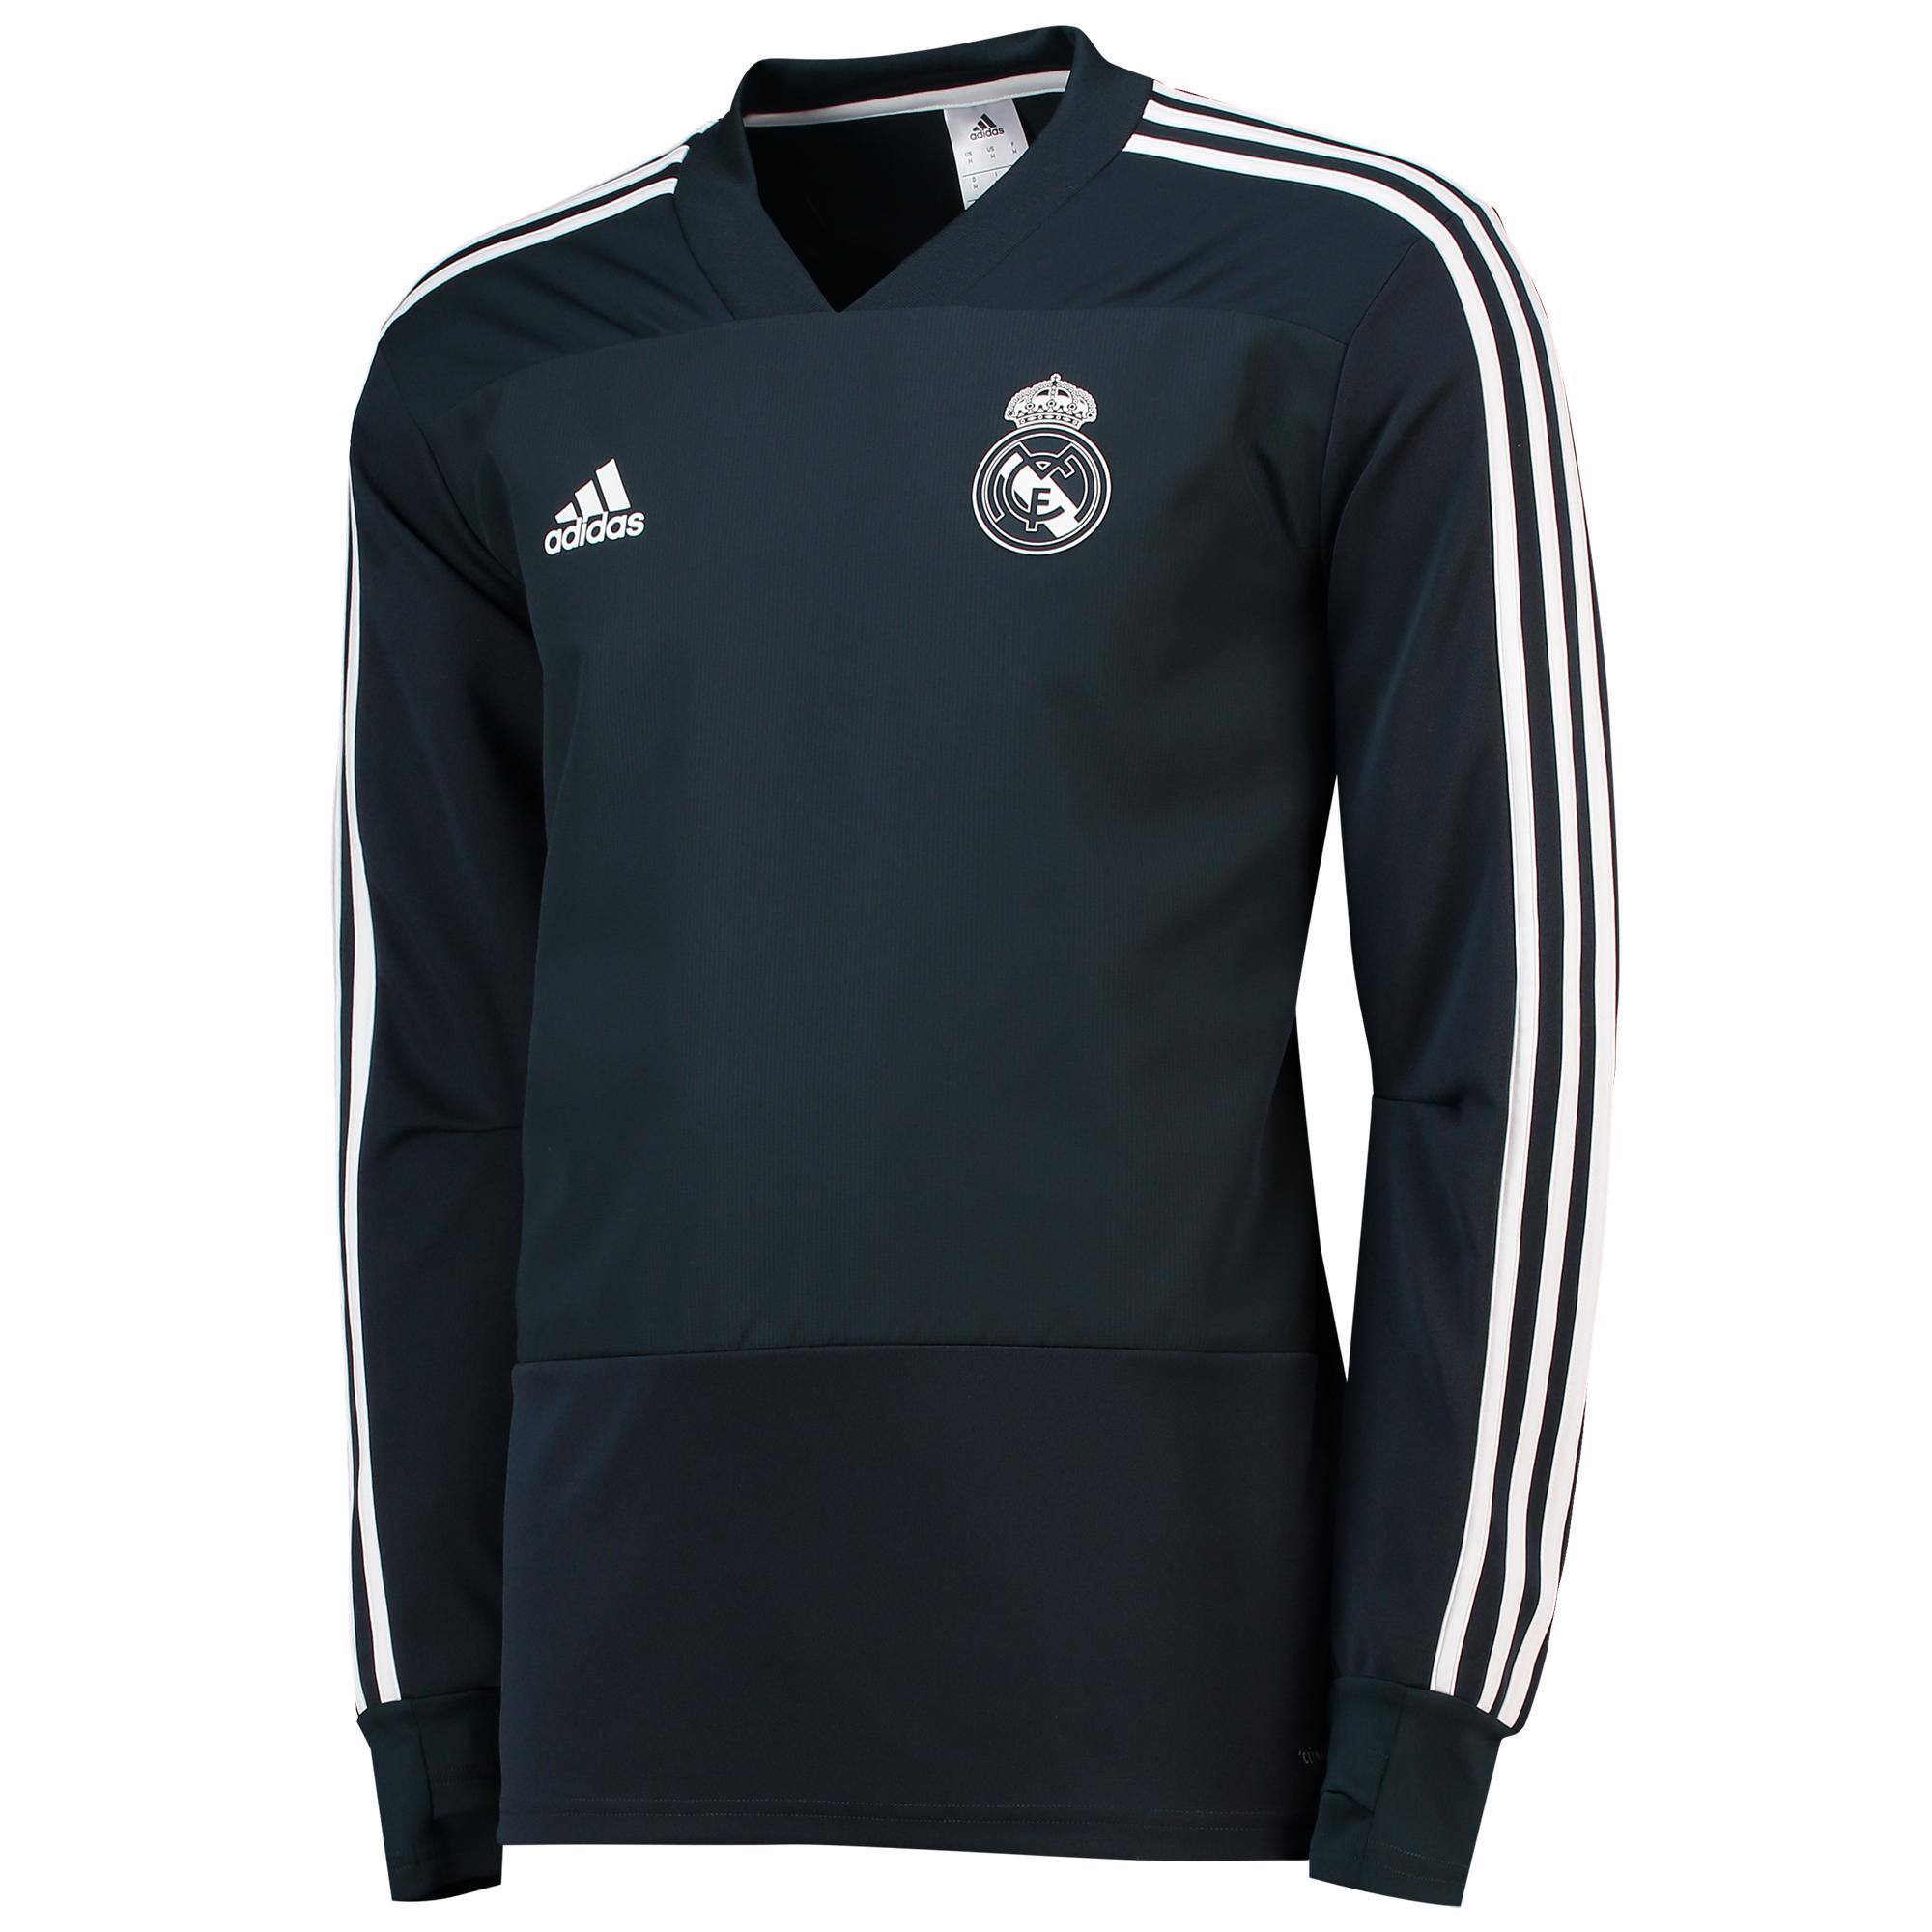 Adidas / Sudadera de entrenamiento del Real Madrid en gris oscuro